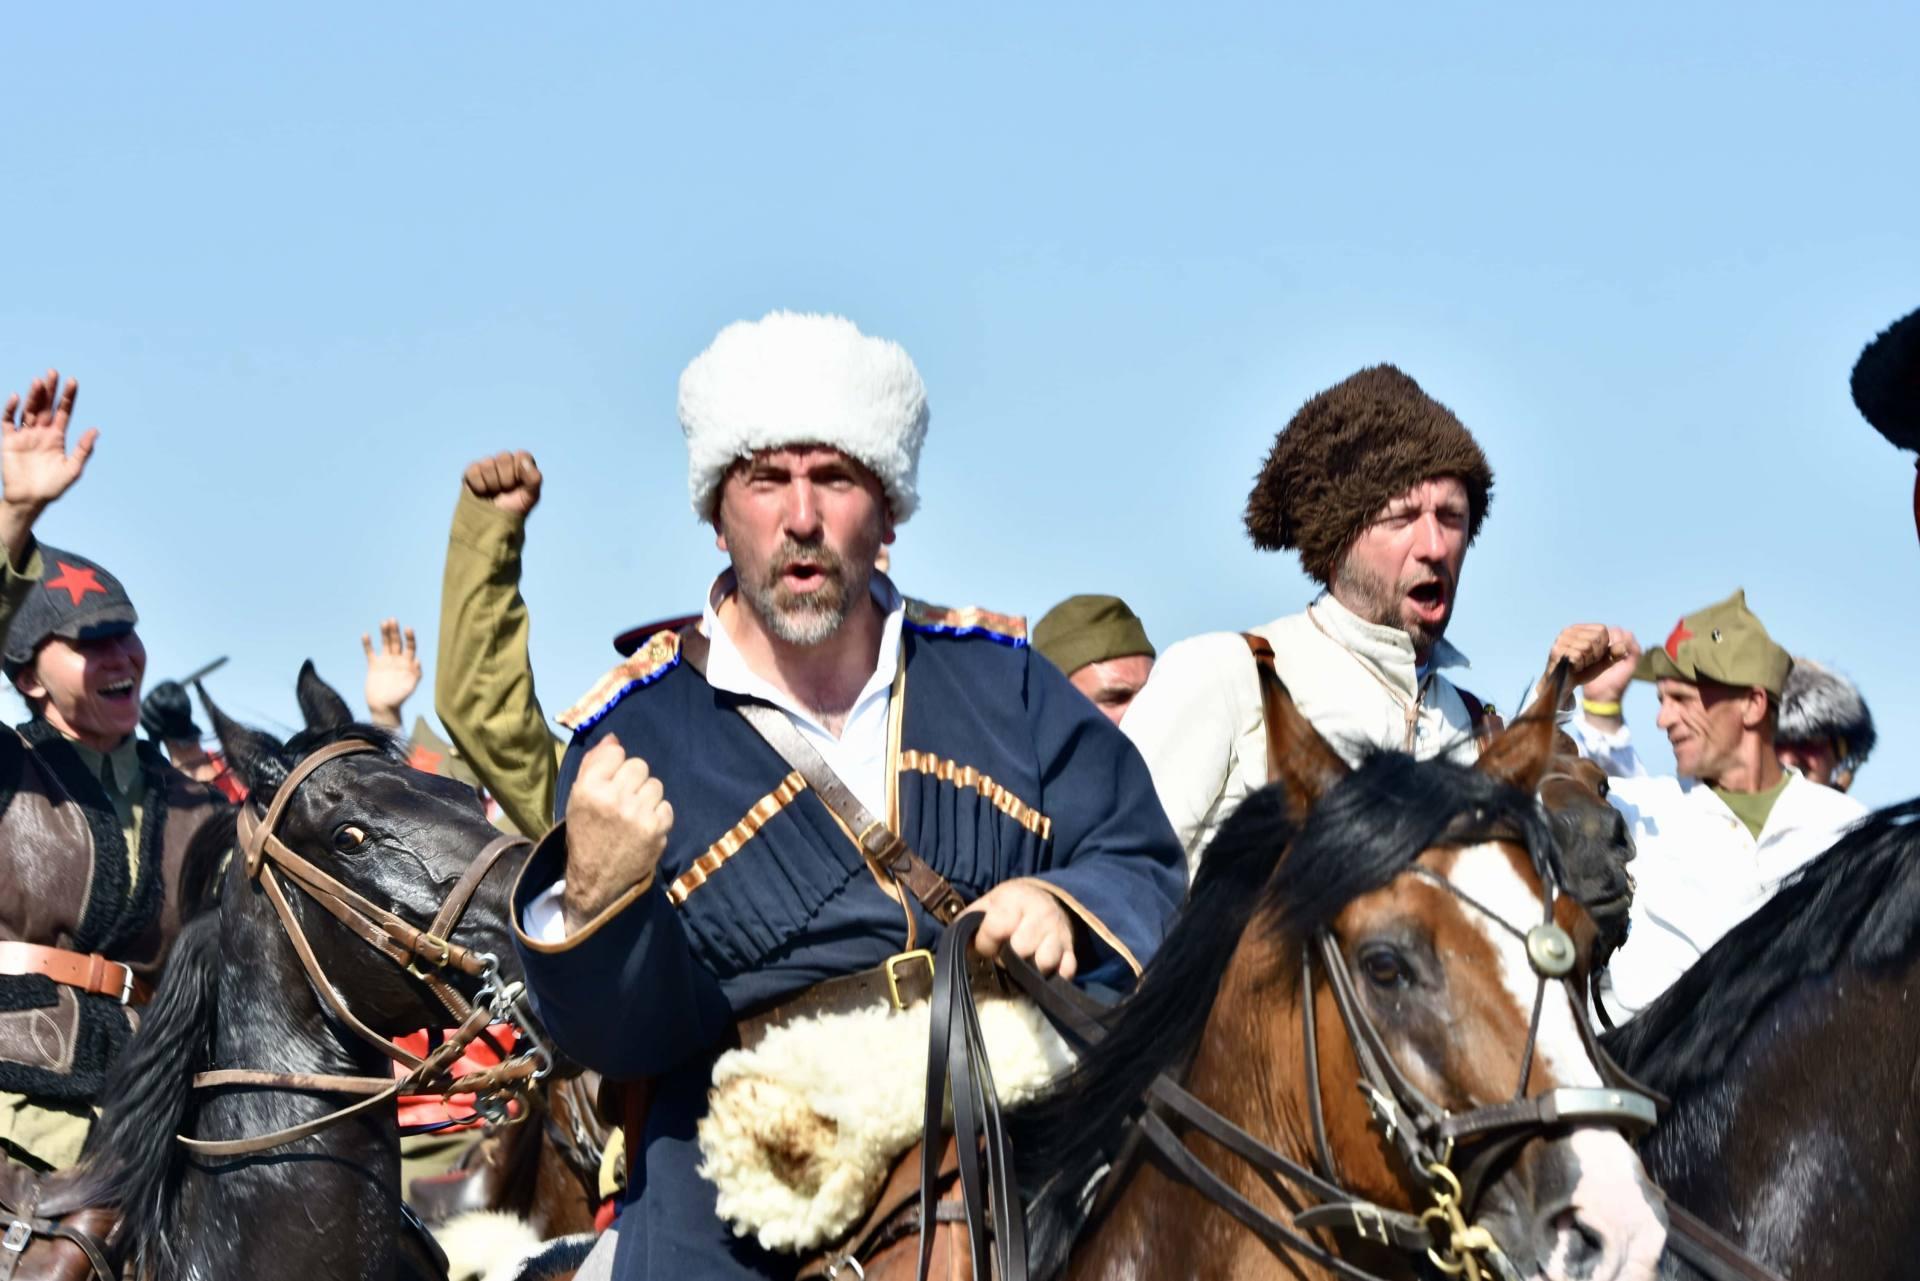 dsc 1115 Czas szabli - 100 rocznica bitwy pod Komarowem(zdjęcia)